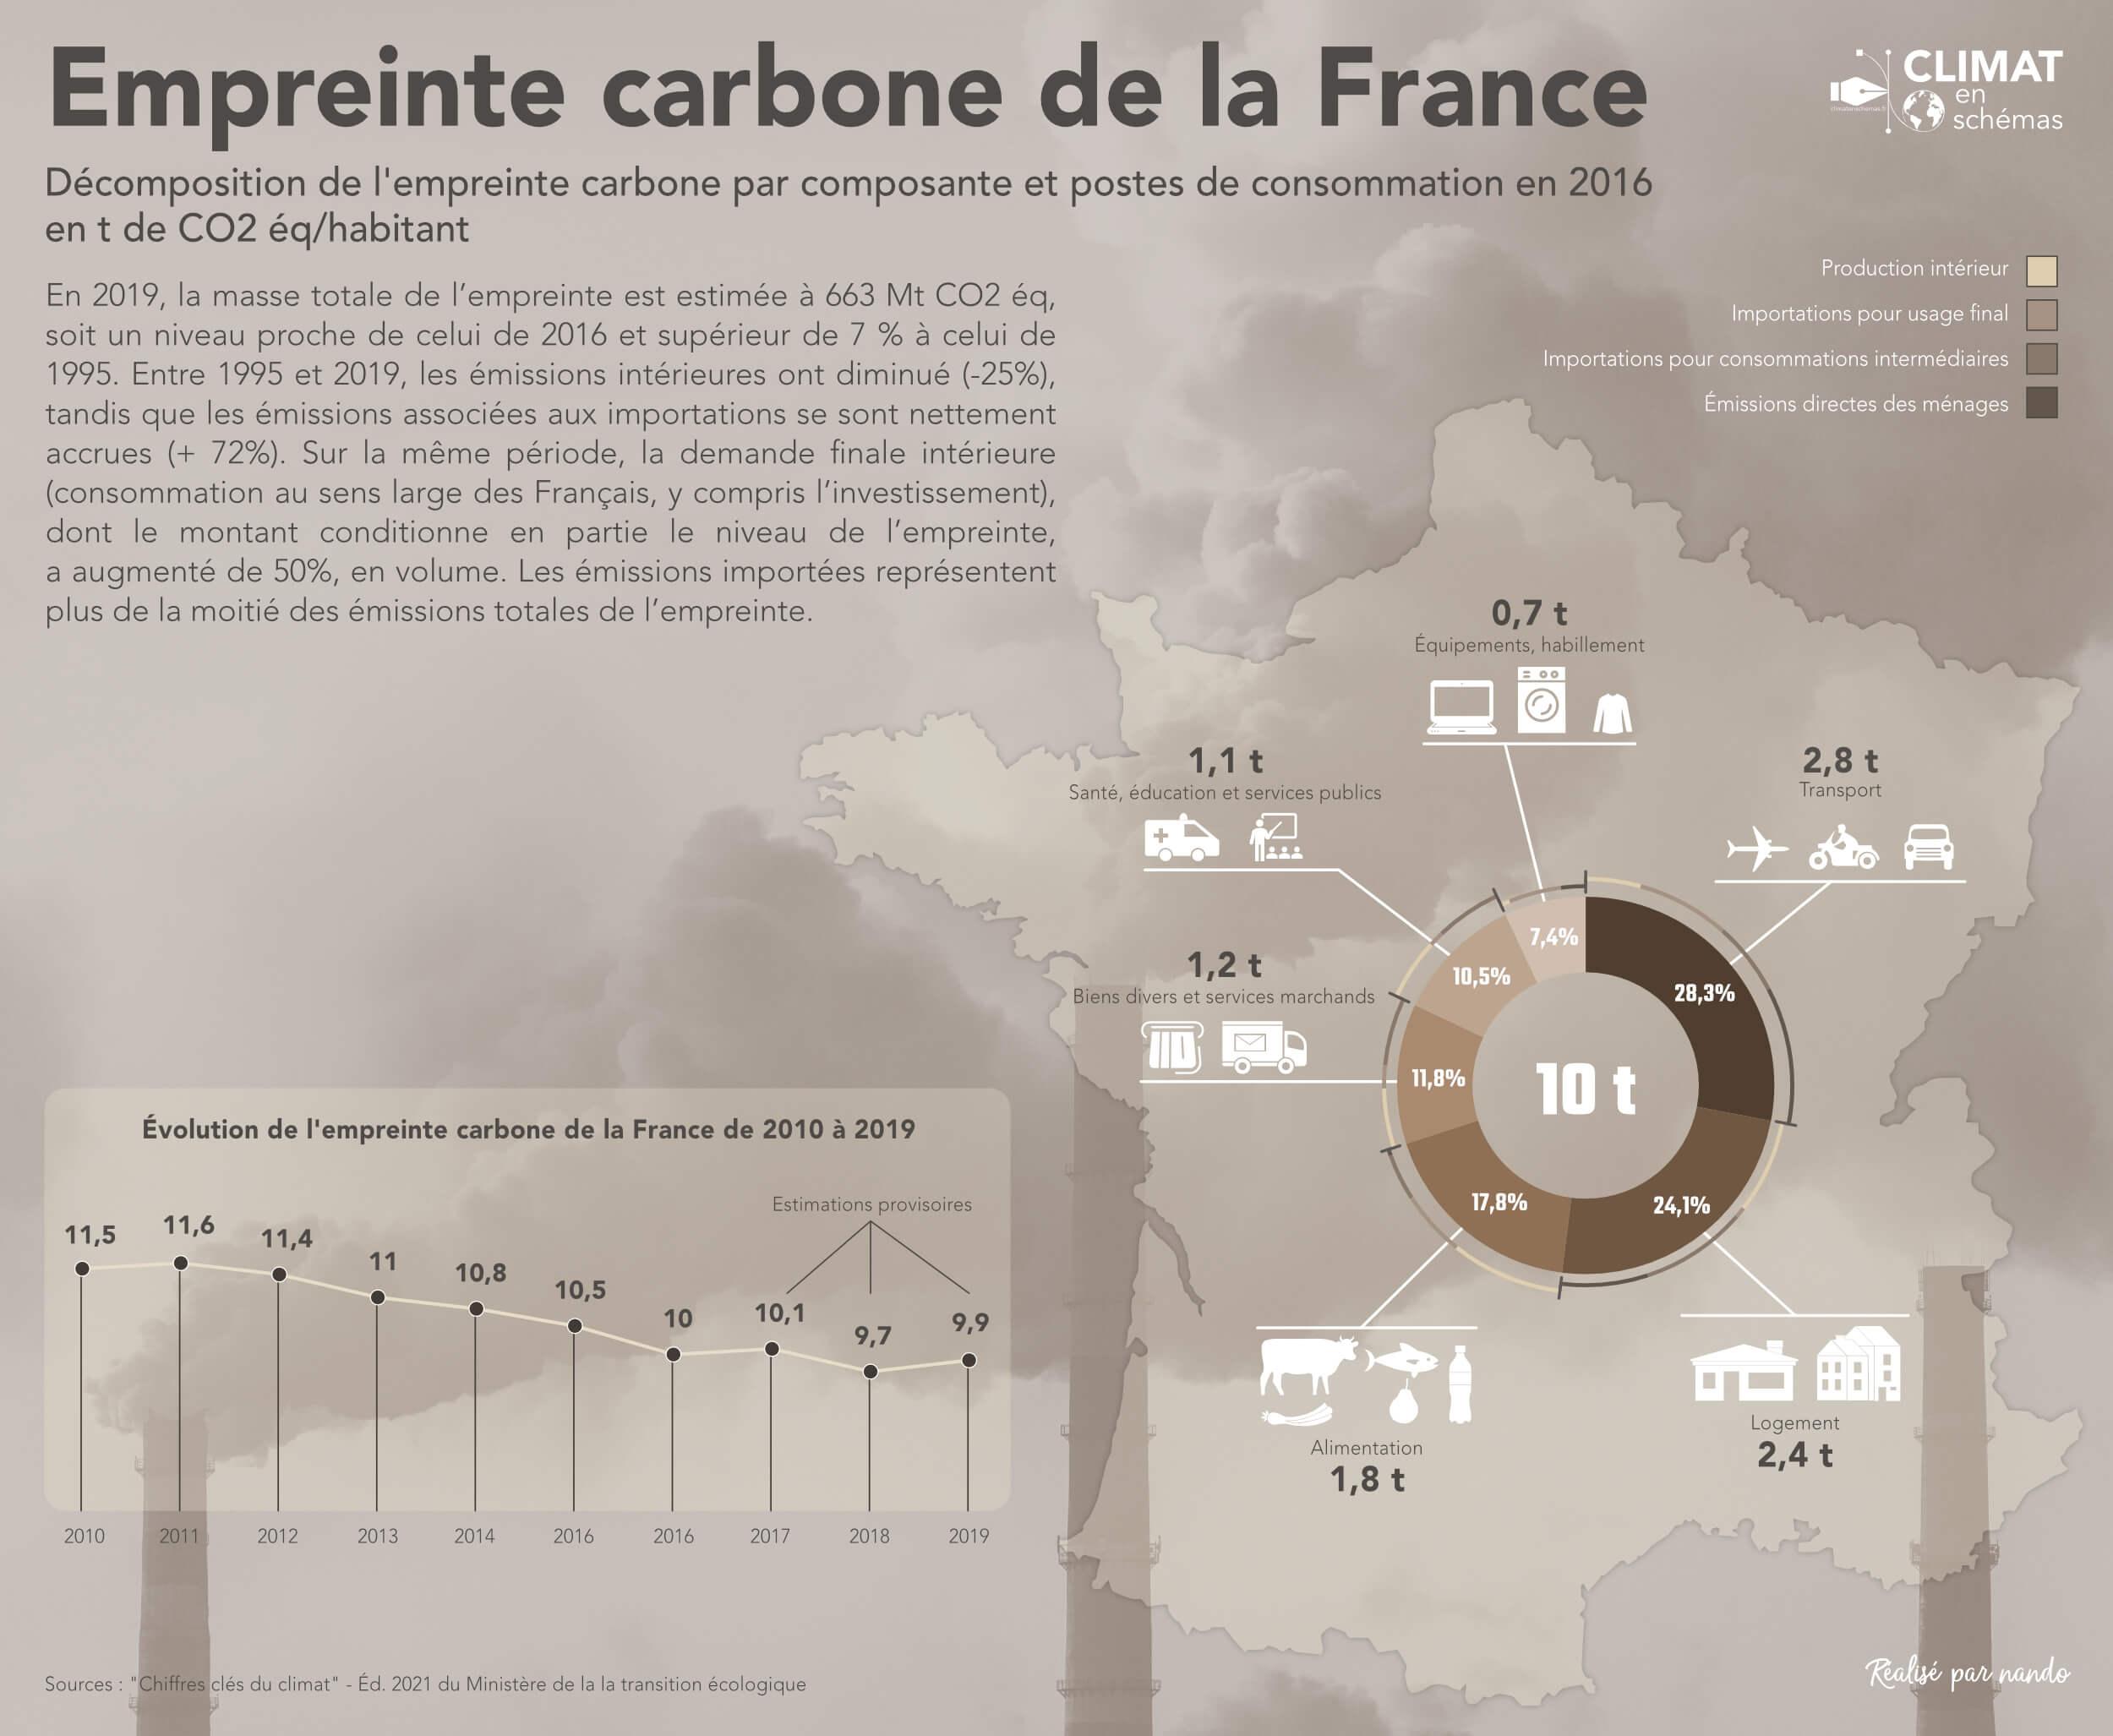 Empreinte carbone de la France